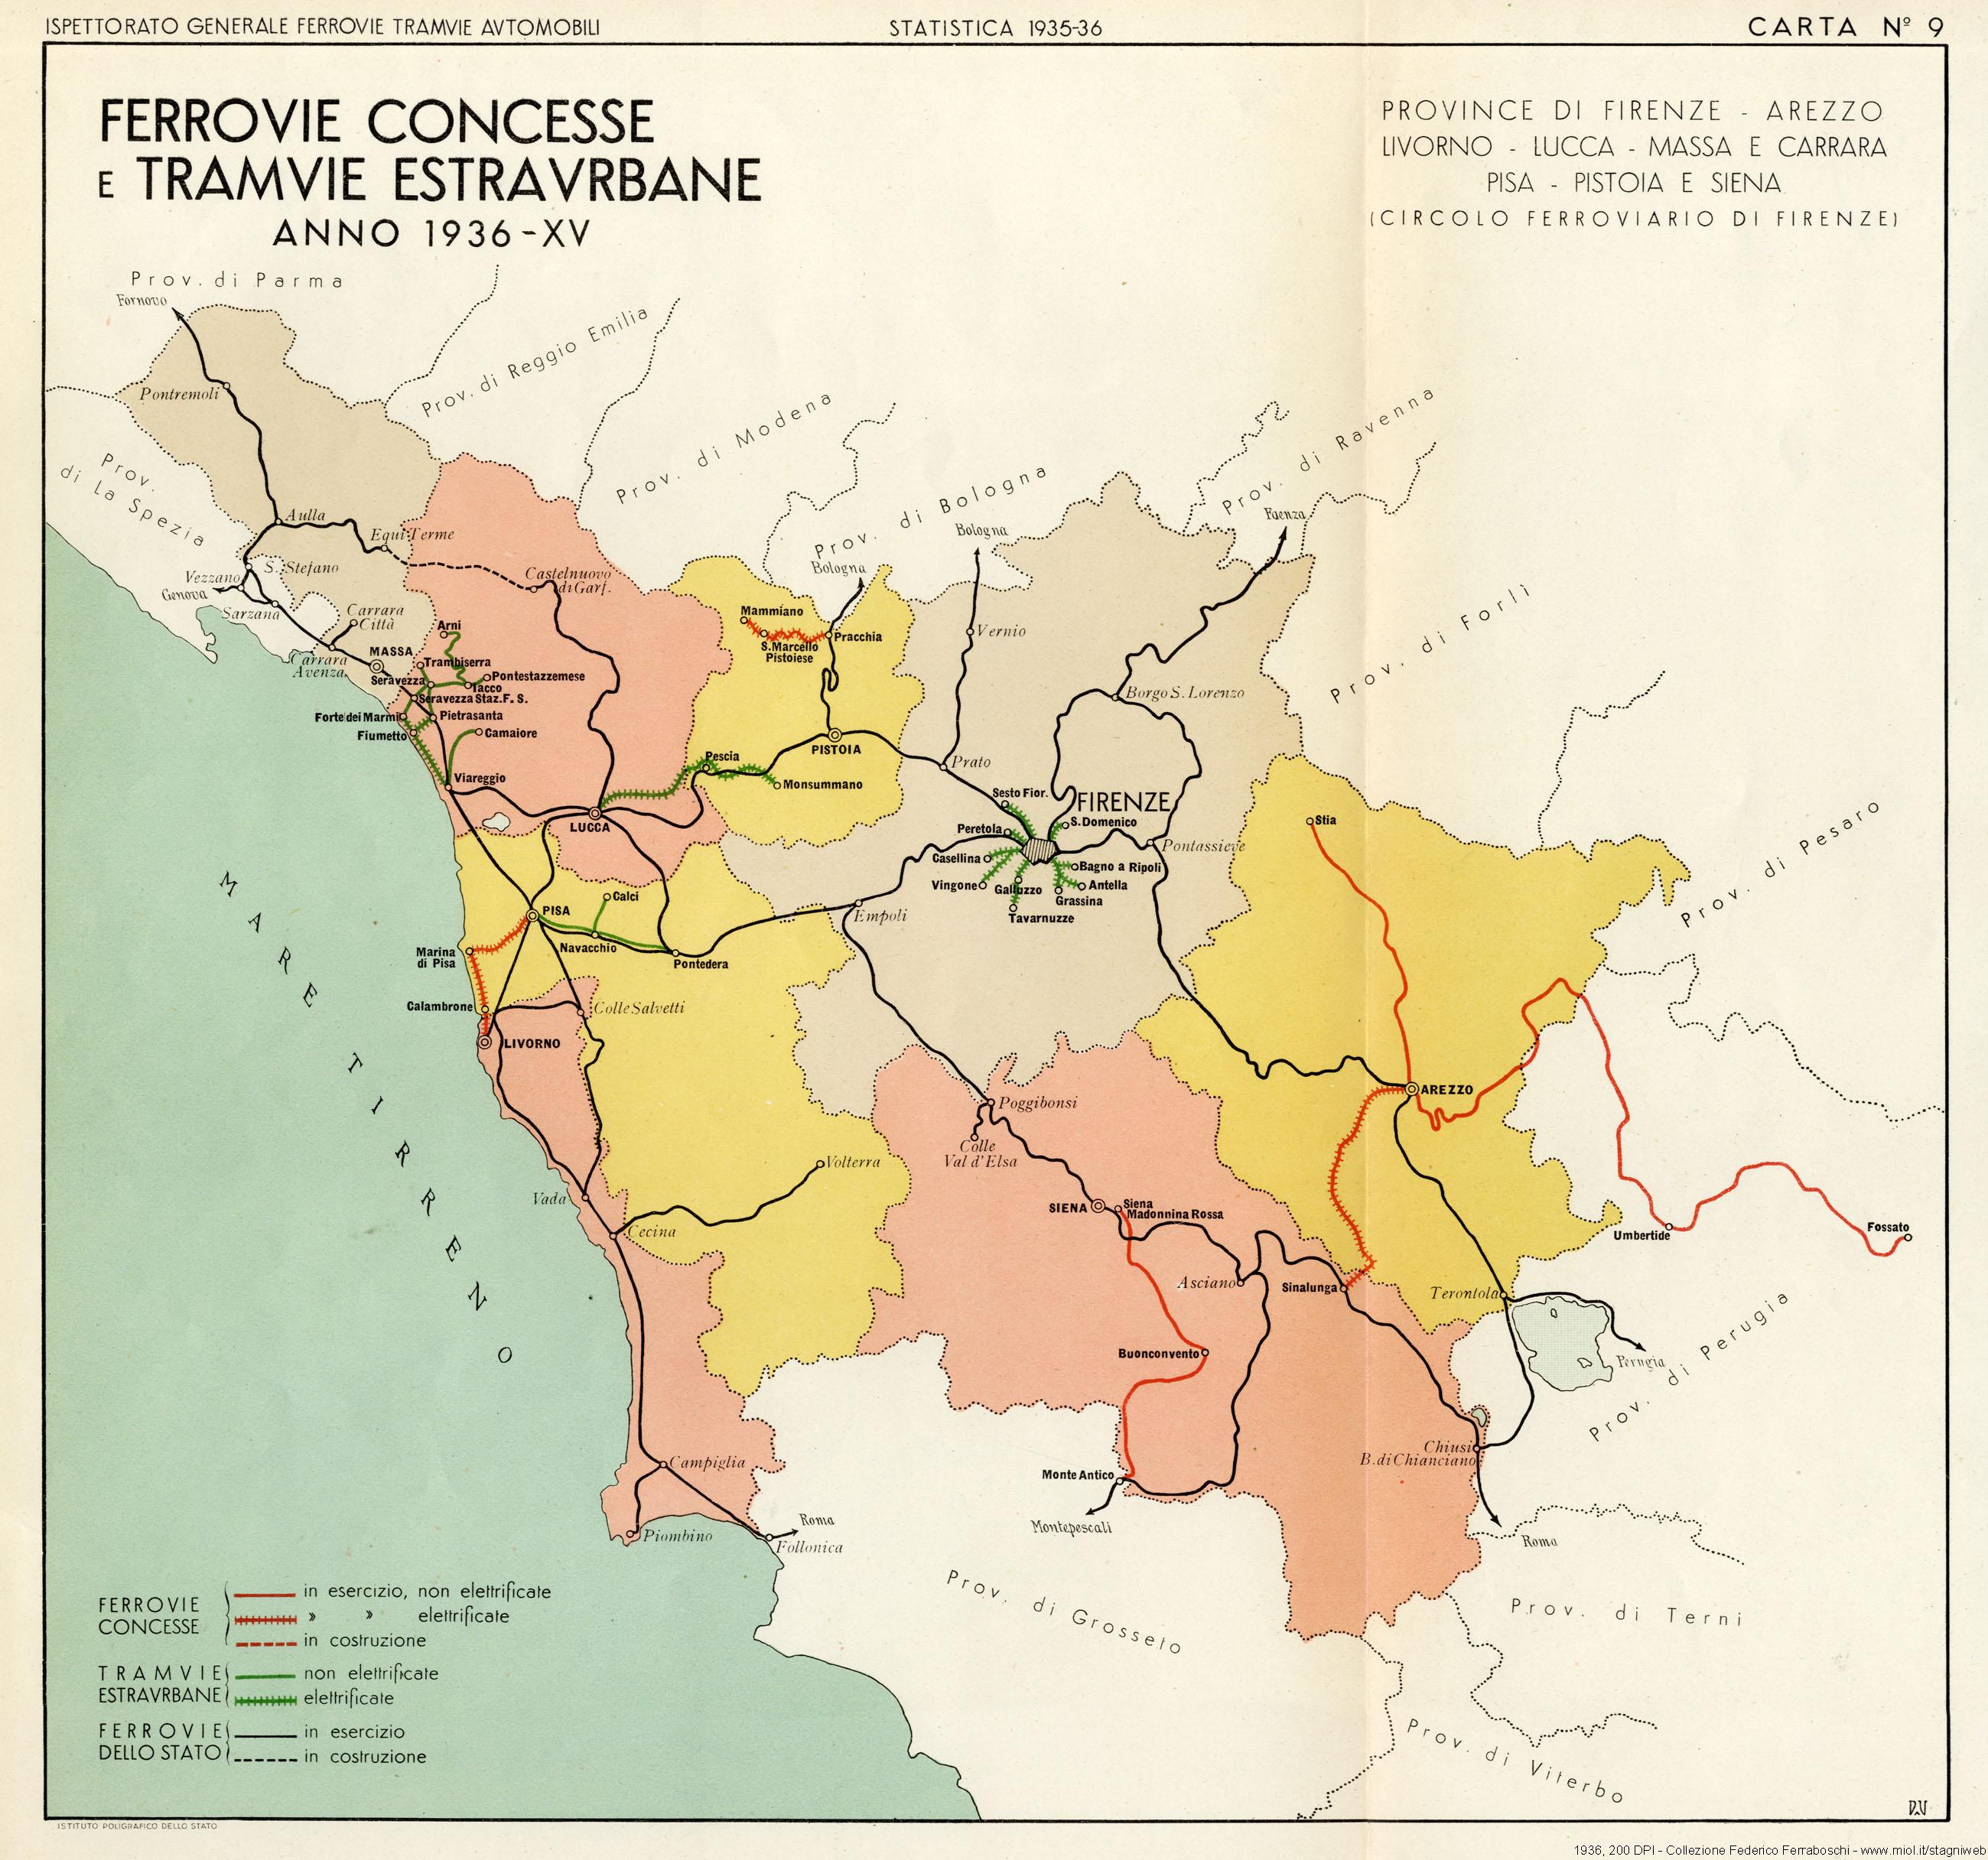 Cartina Ferroviaria Sicilia.Ferrovie Concesse E Tramvie Estraurbane 1936 9 Stagniweb